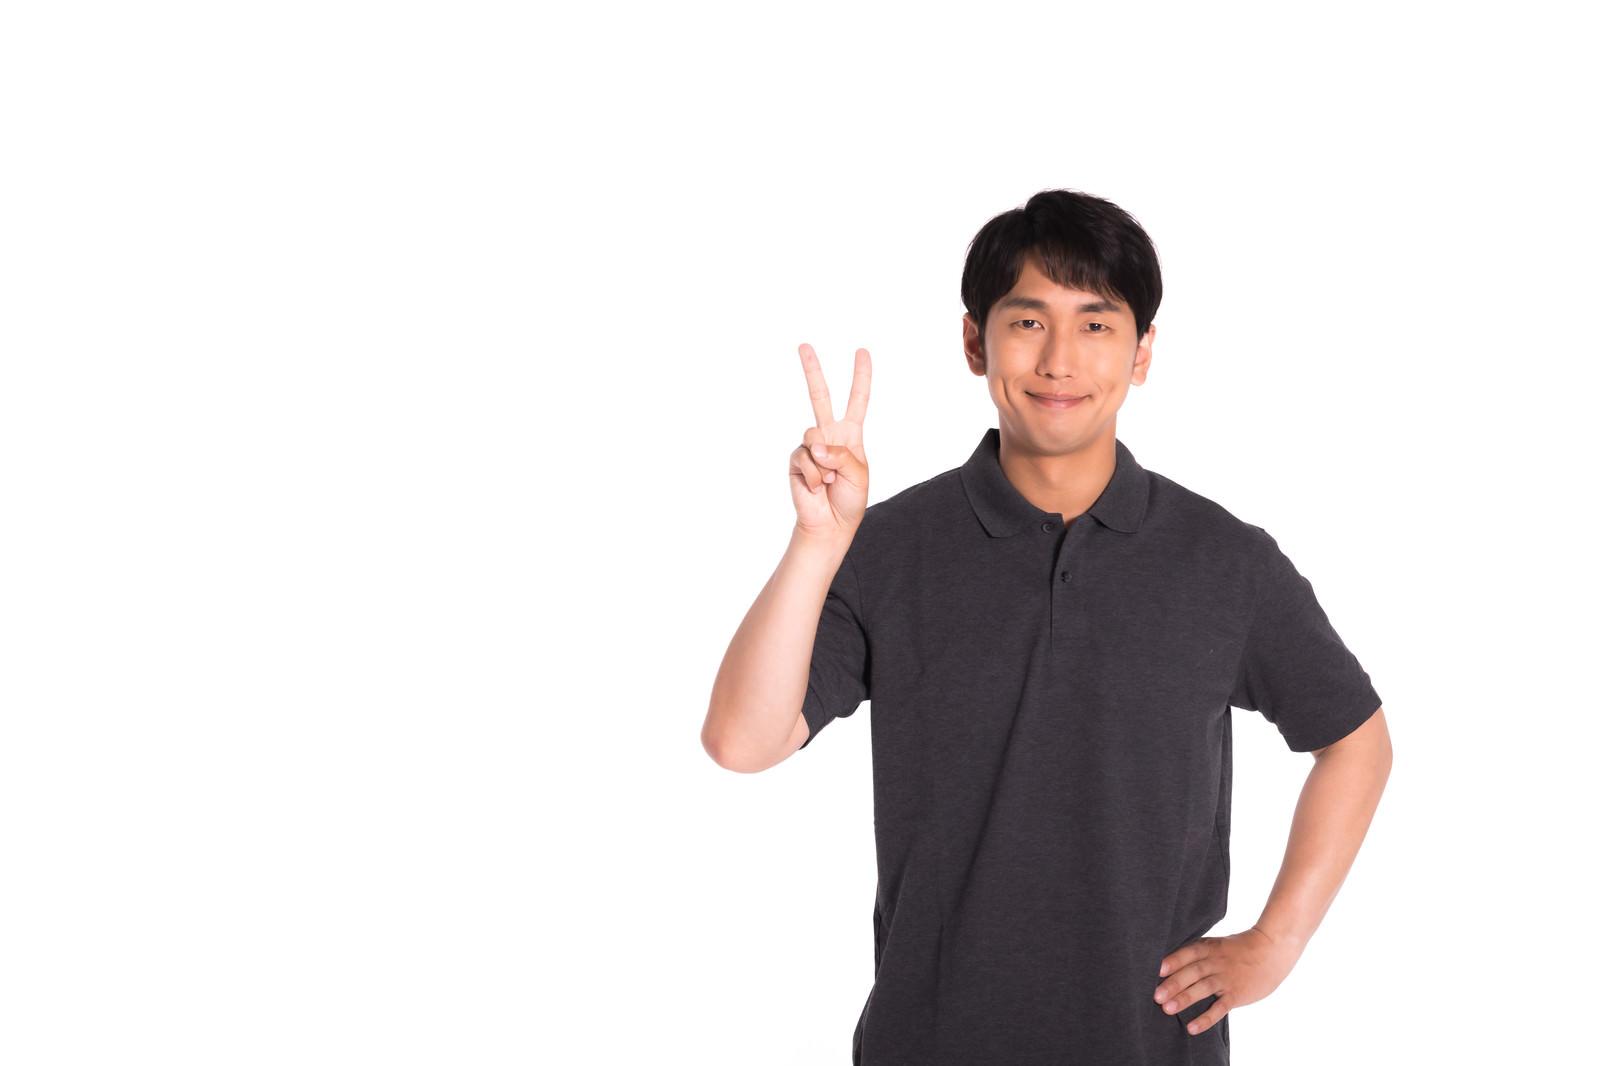 「笑顔でピースサインをする男性」の写真[モデル:大川竜弥]